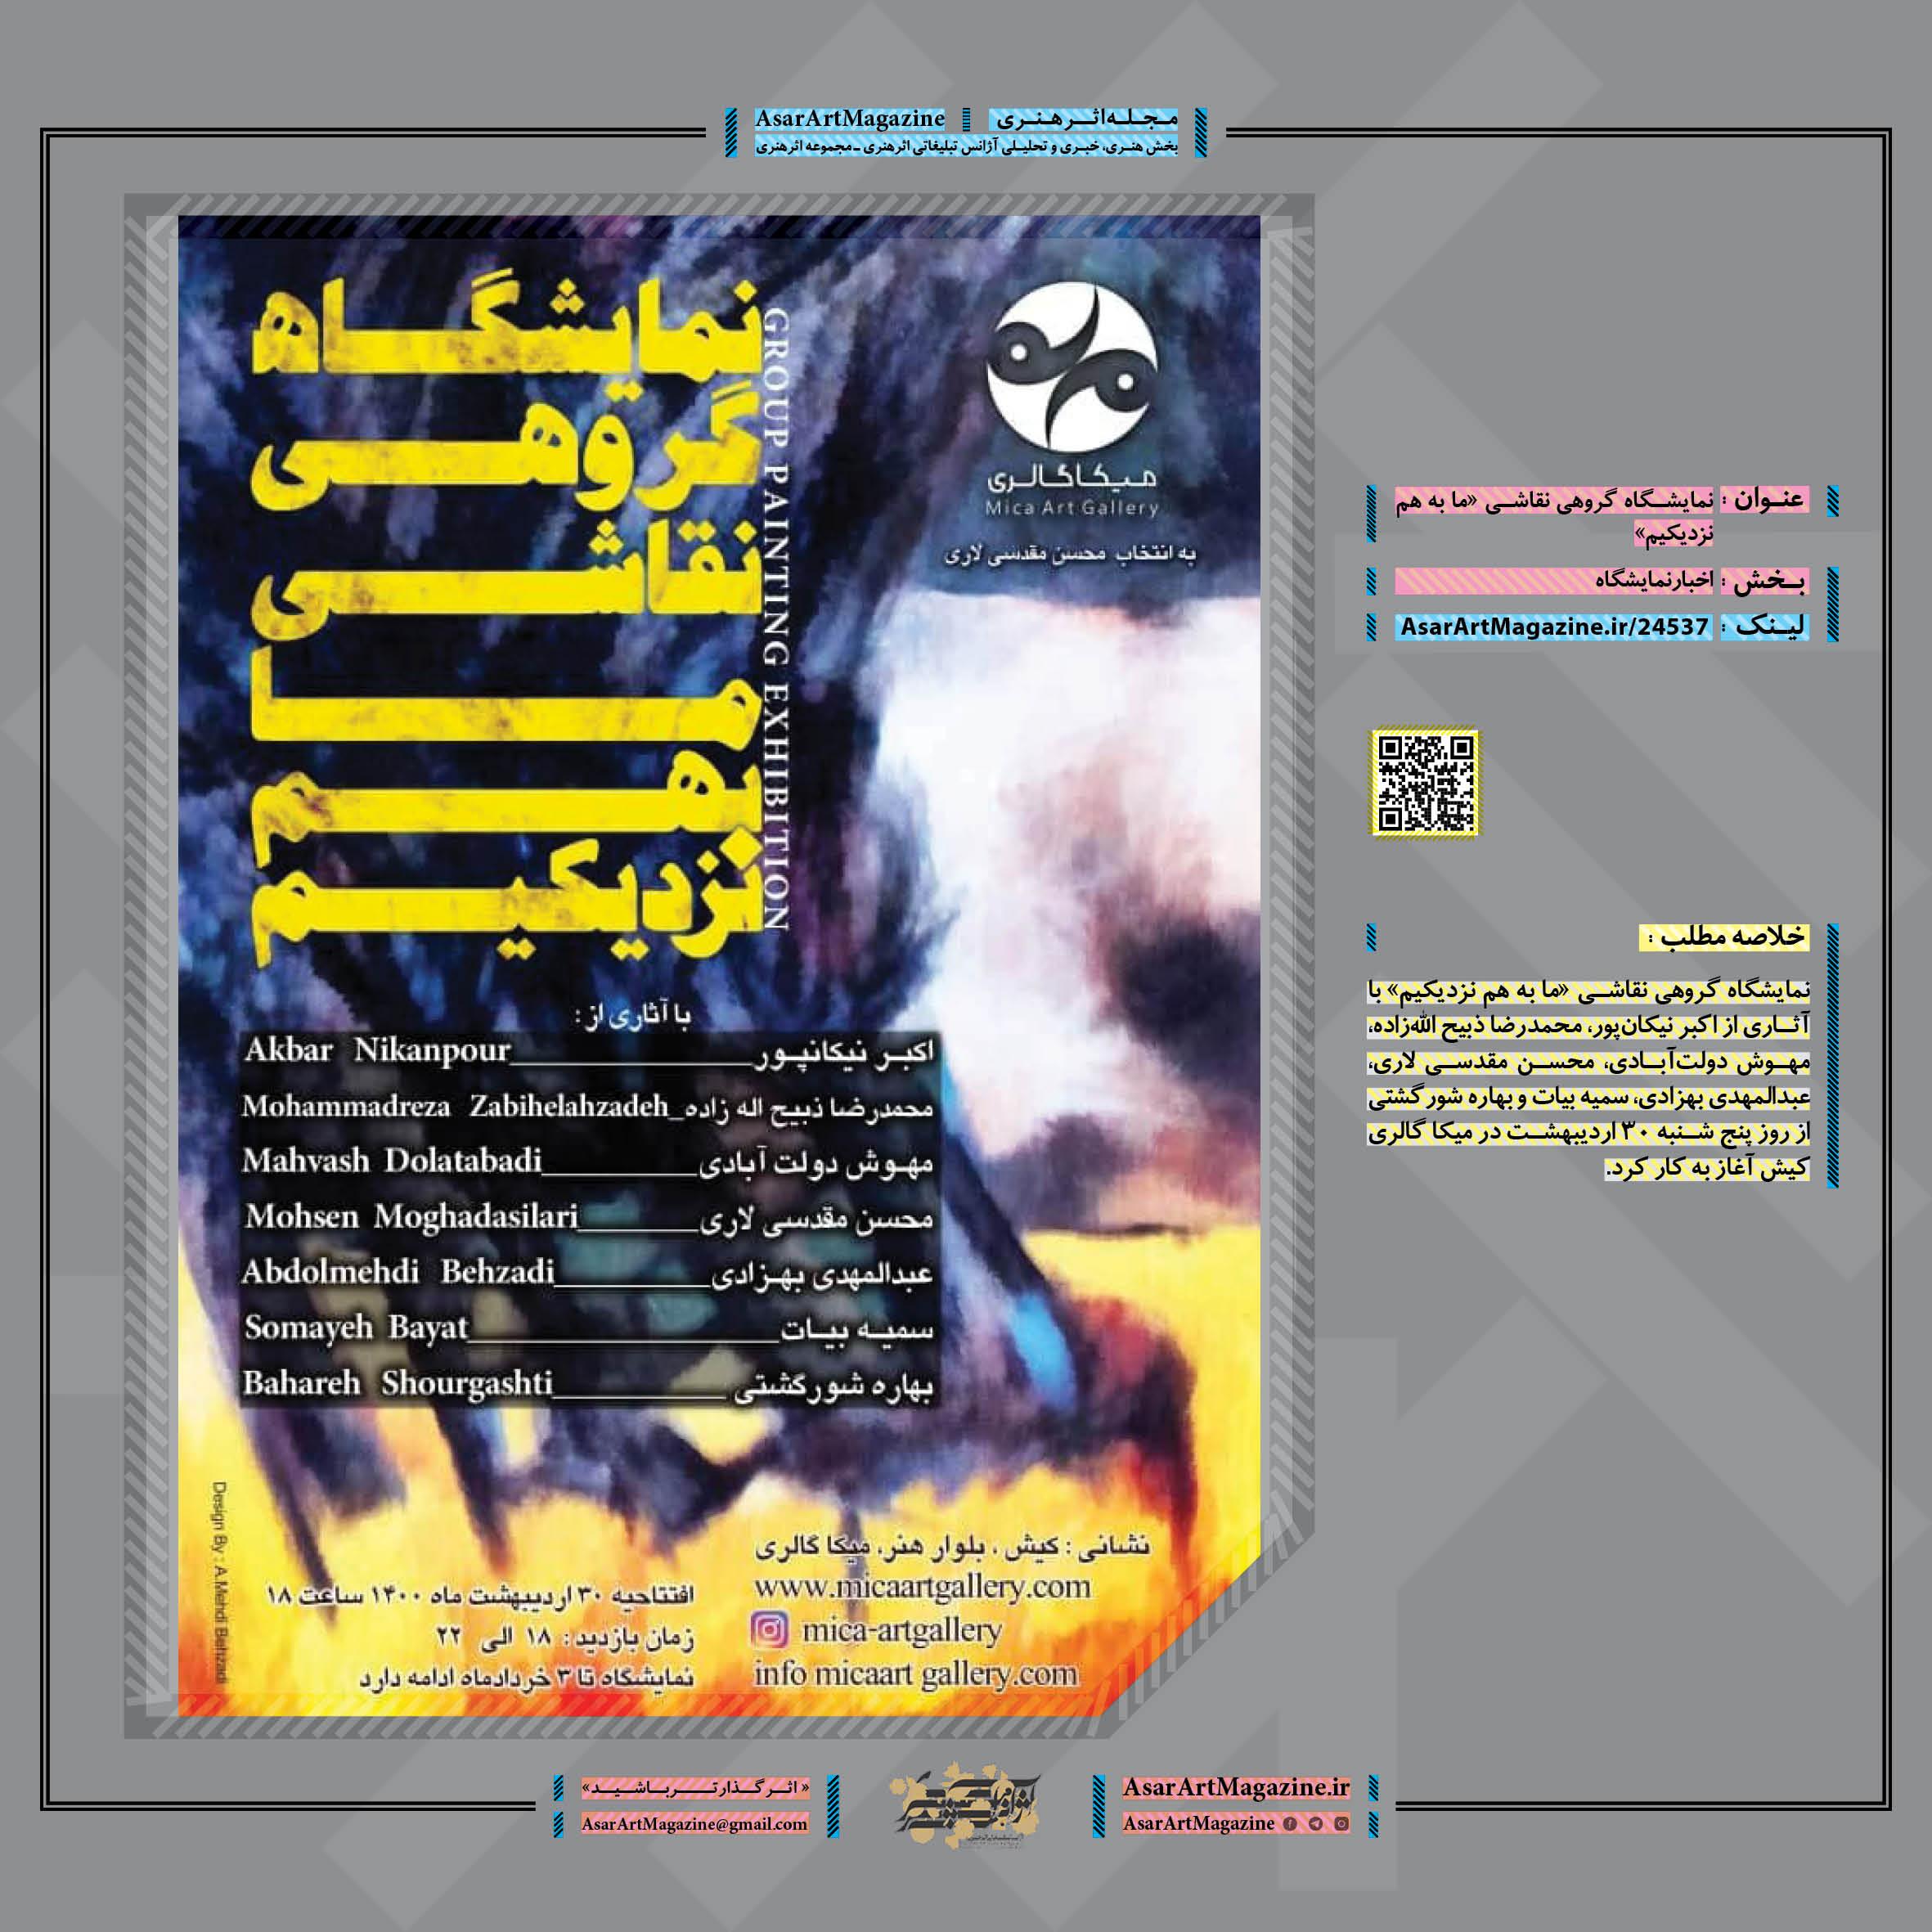 نمایشگاه گروهی نقاشی «ما به هم نزدیکیم» لینک : https://asarartmagazine.ir/?p=24537👇 سایت : AsarArtMagazine.ir اینستاگرام : instagram.com/AsarArtMagazine تلگرام :  t.me/AsarArtMagazine 👆